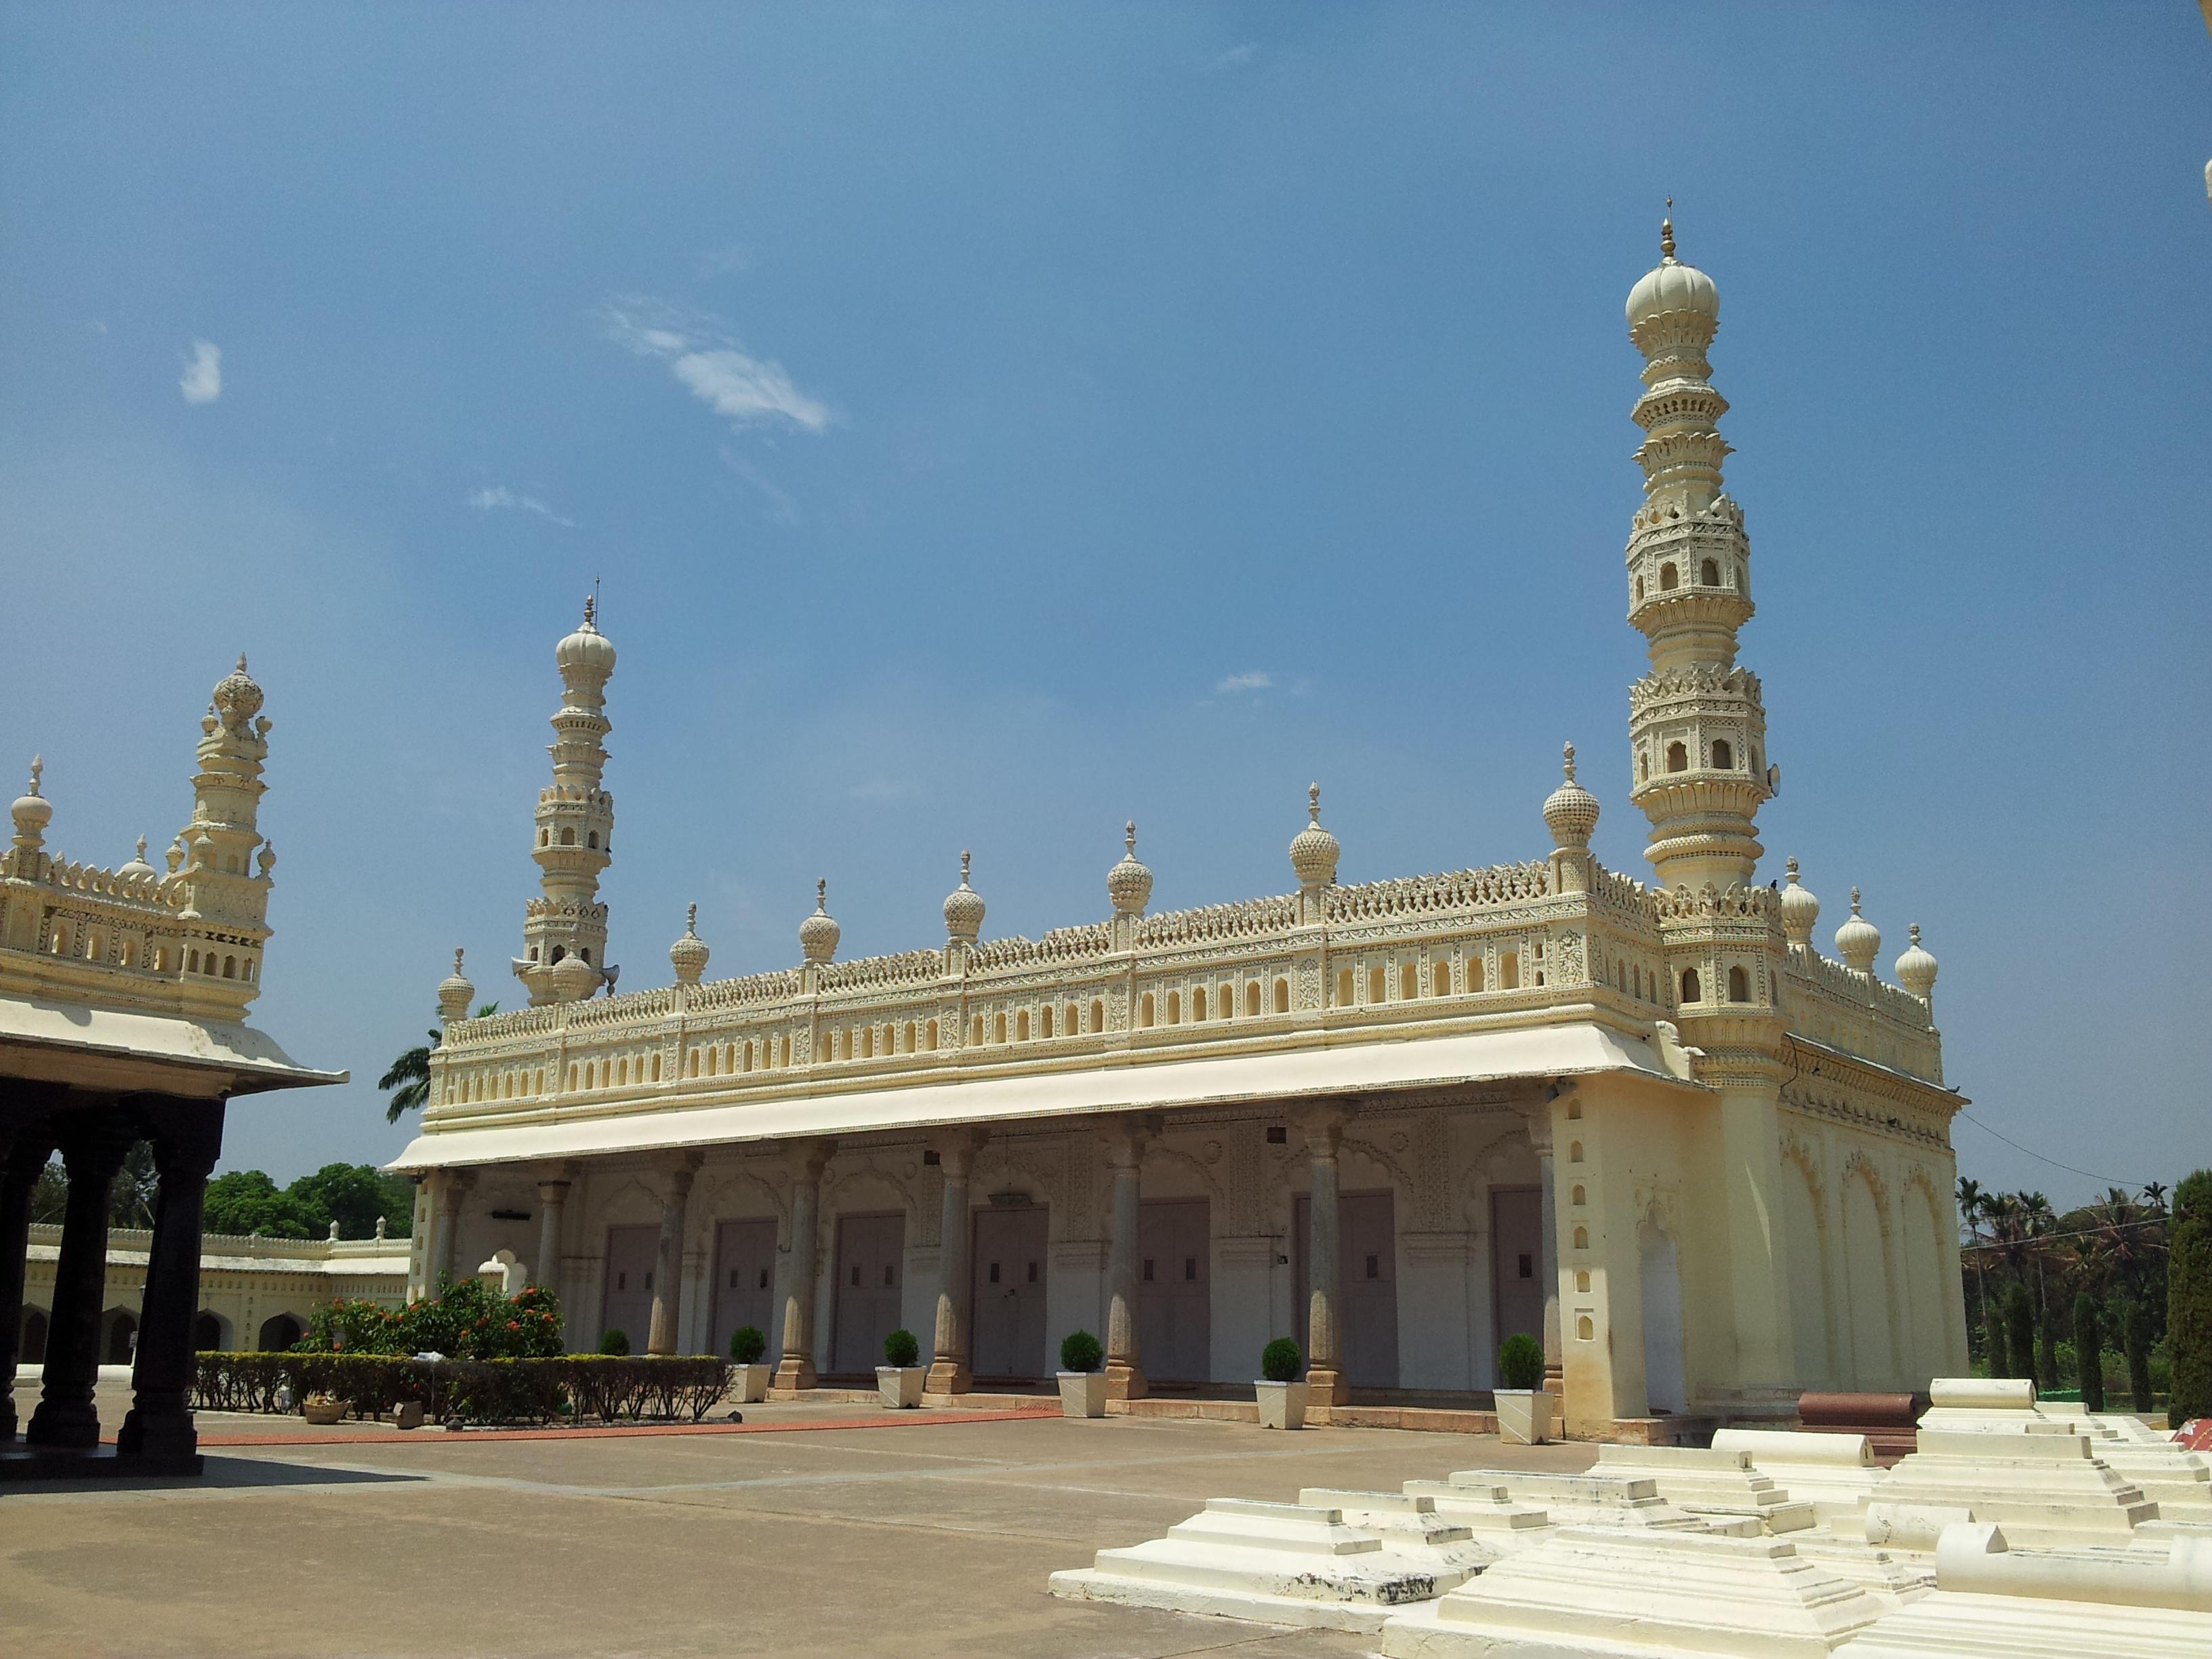 Masjid-E-Aksa - front view